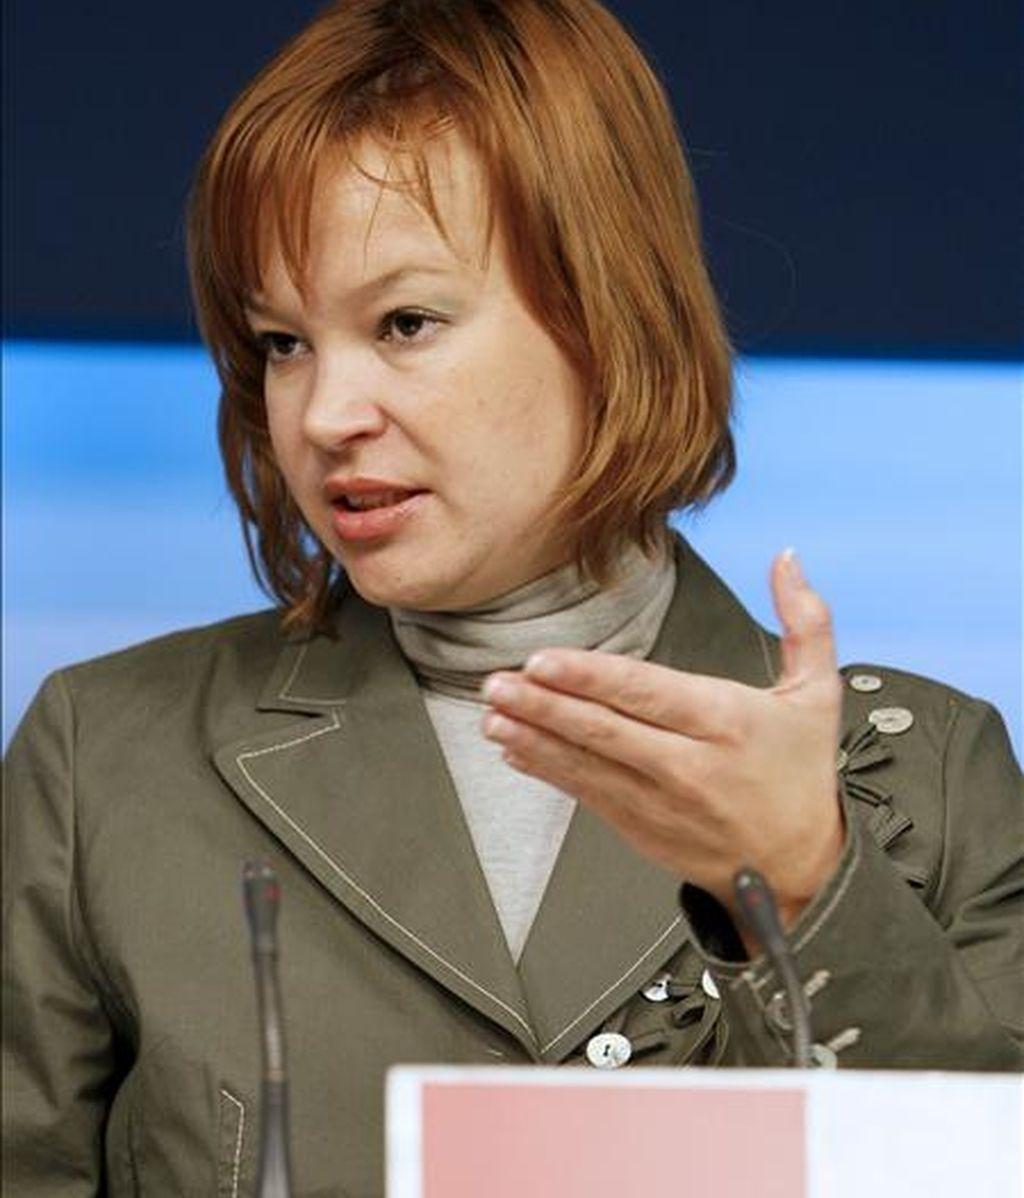 La secretaria de Organización del PSOE, Leire Pajín. EFE/Archivo